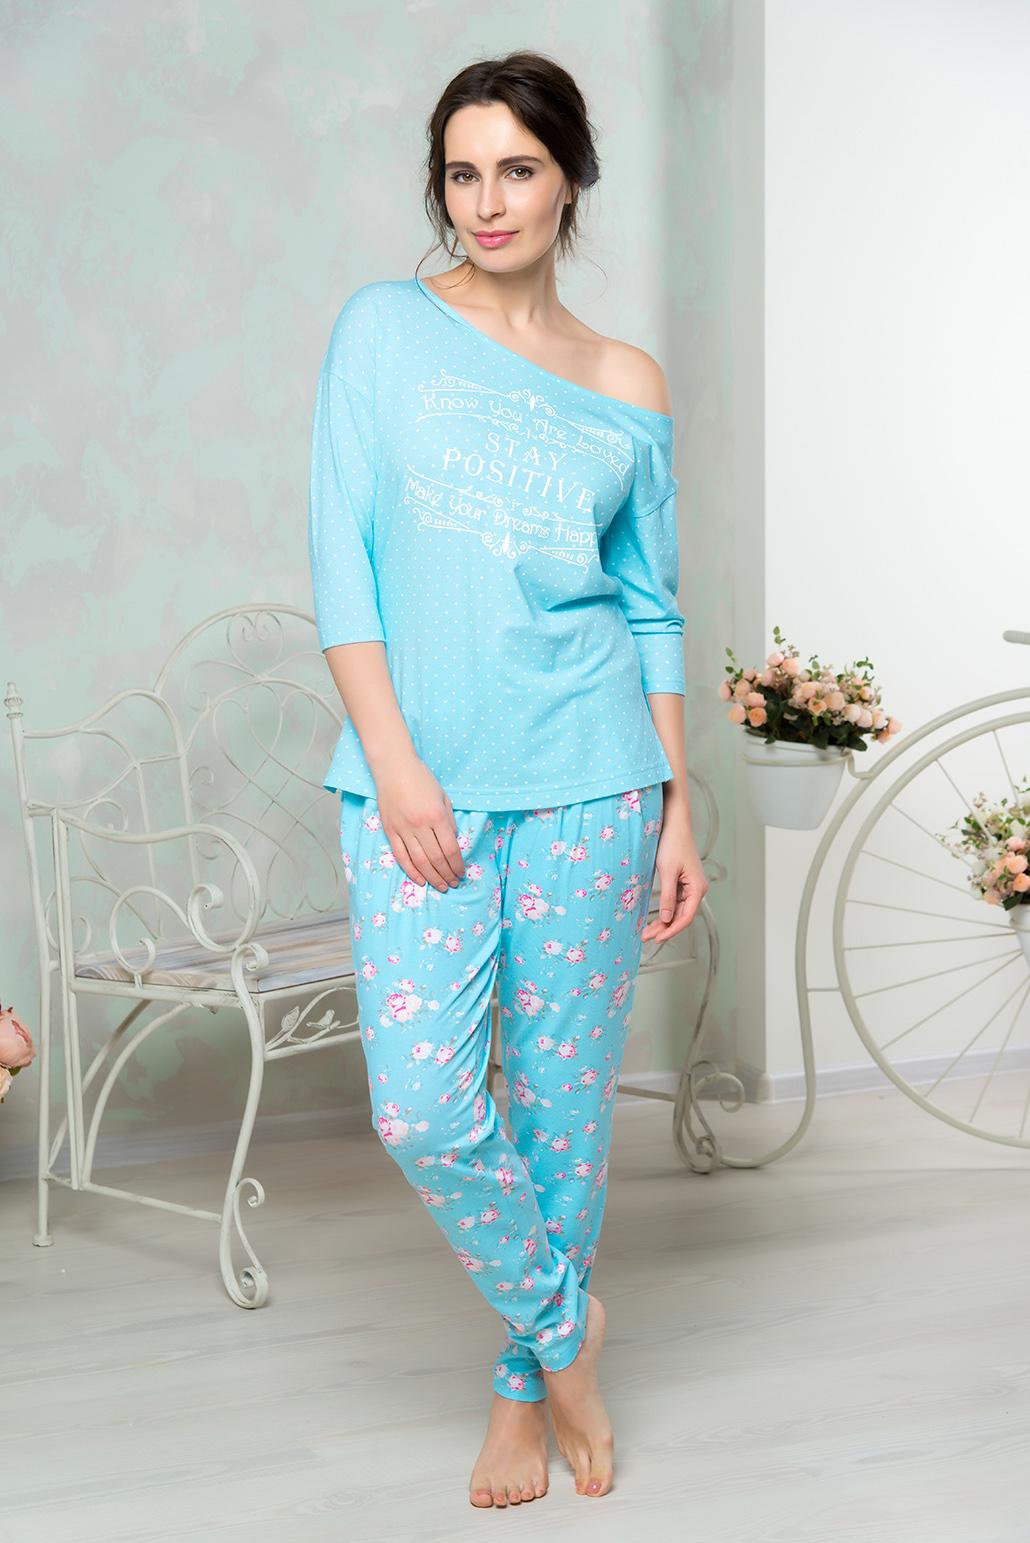 Комплект домашний женский Mia Cara: футболка, брюки, цвет: голубой. AW16-MCUZ-852. Размер 46/48AW16-MCUZ-852Комплект домашний одежды Mia Cara состоит из футболки с рукавами 3/4 и брюк. Модель выполнена из высококачественного хлопка с добавлением эластана. Футболка свободного кроя. Брюки слегка заужены к низу.